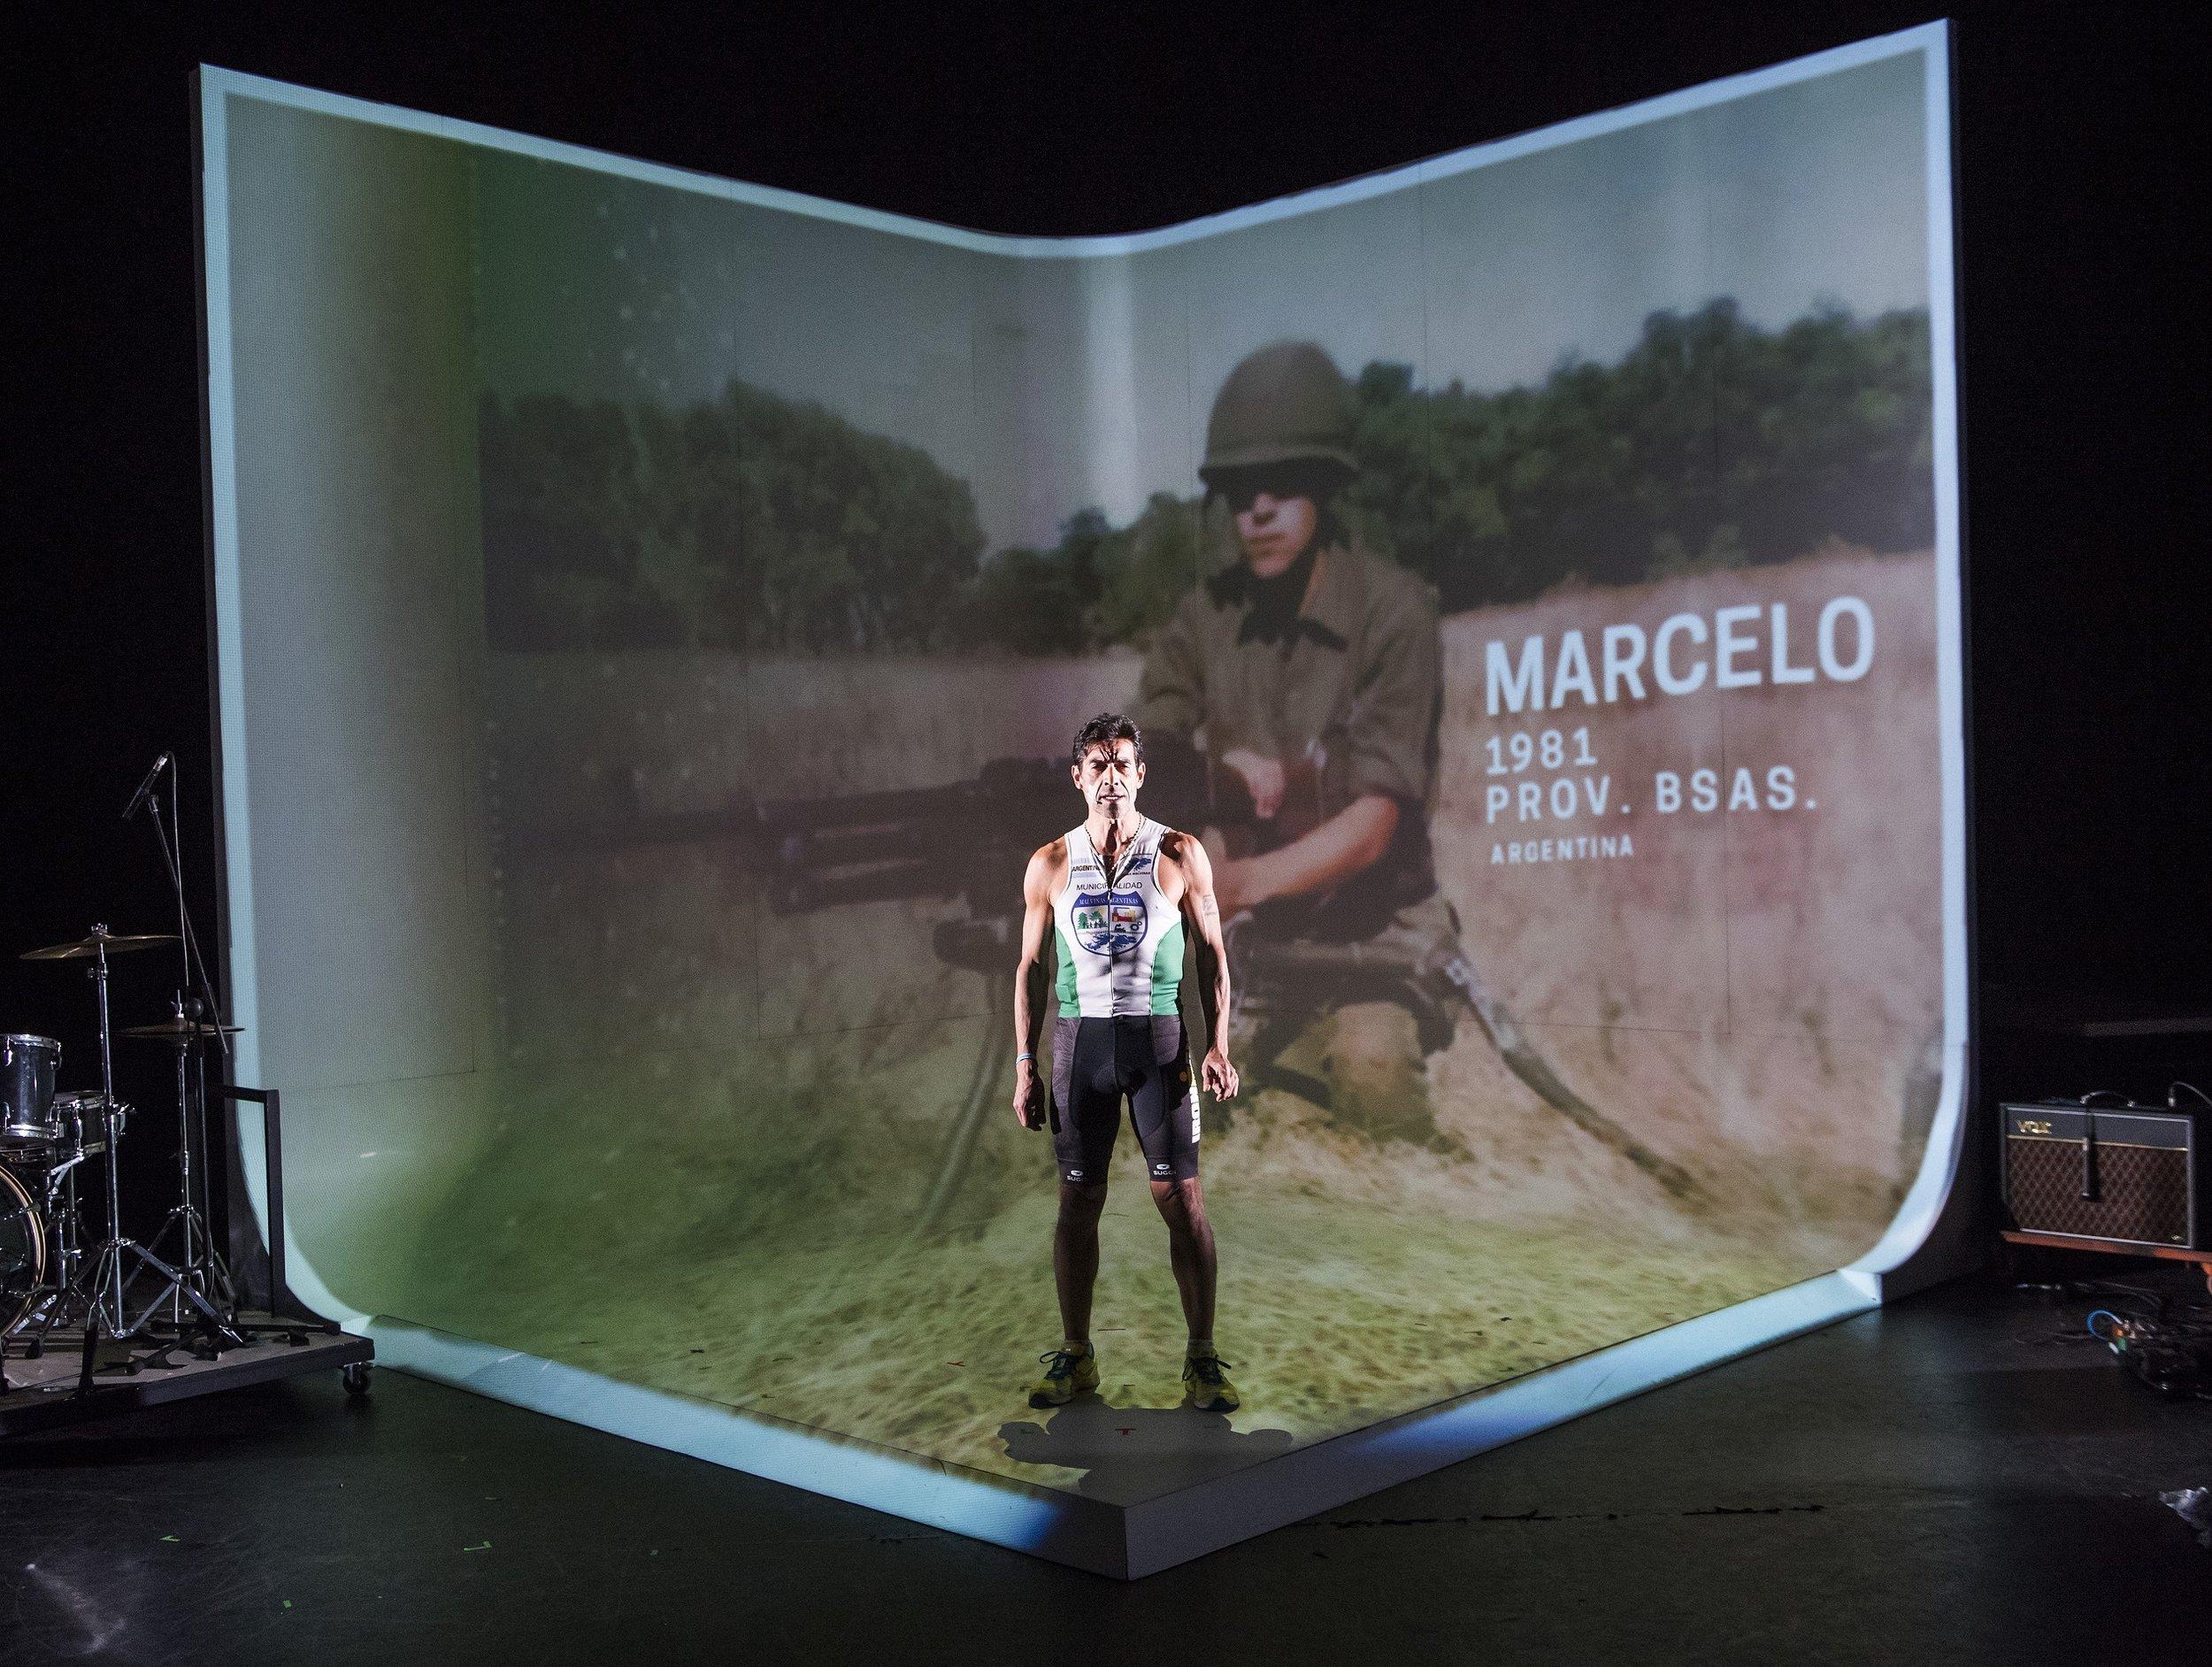 Minefield pic 10 - Marcelo Vallejo (photo by Tristram Kenton).jpg